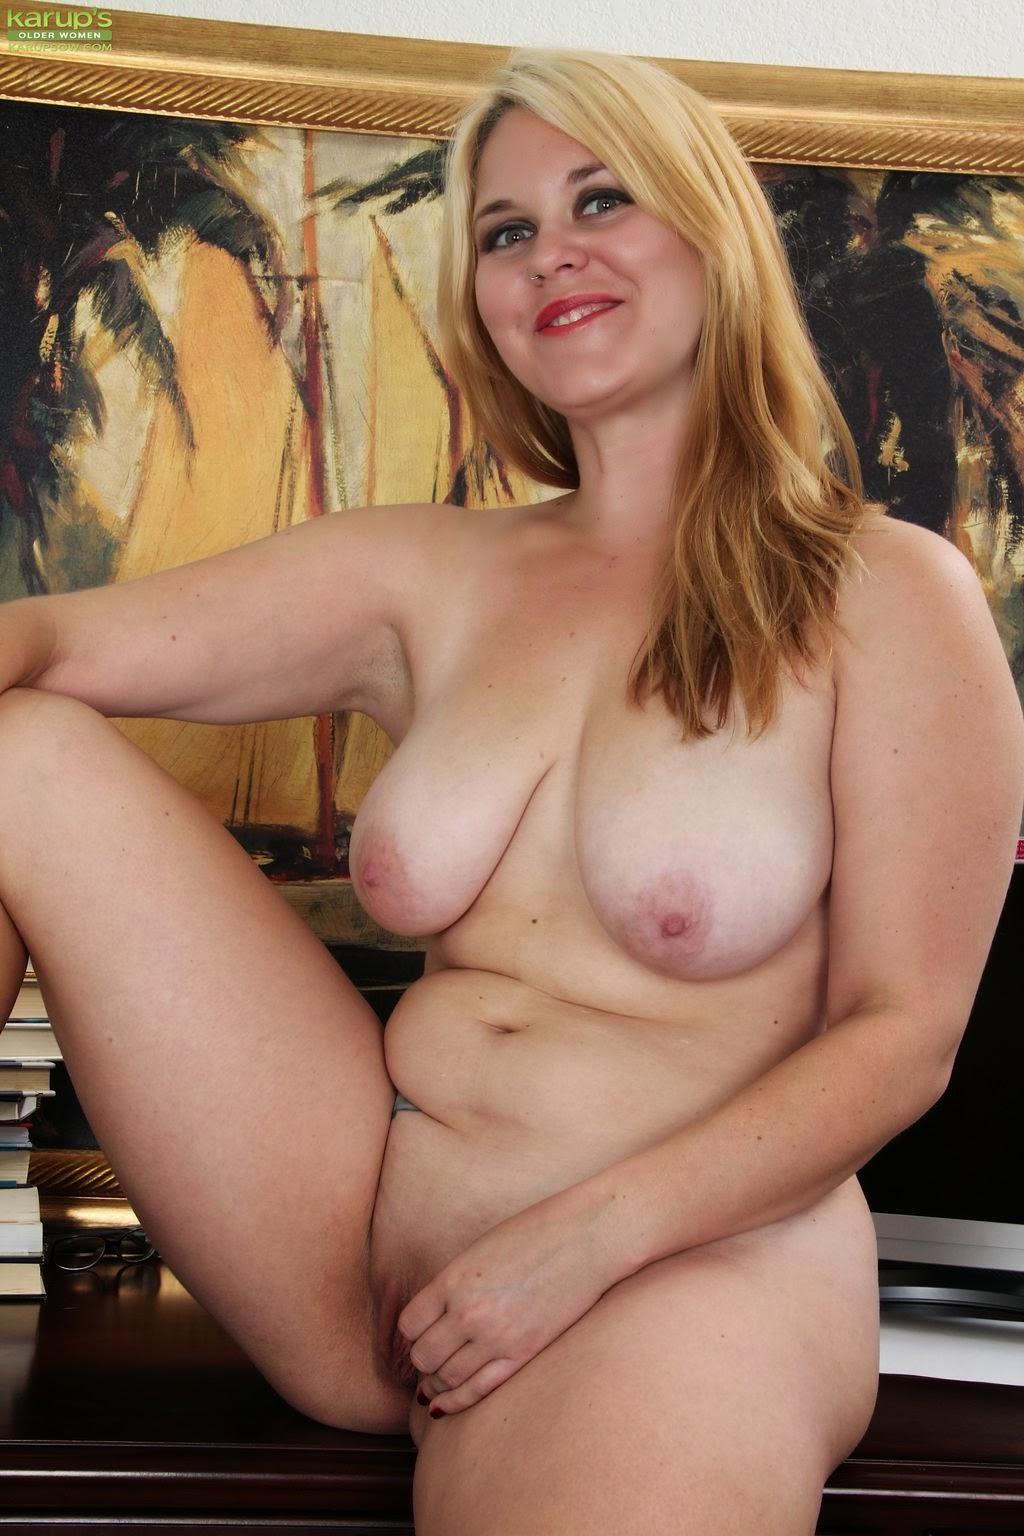 Big tit plumper amerie thomas fucks big black cock - 4 7